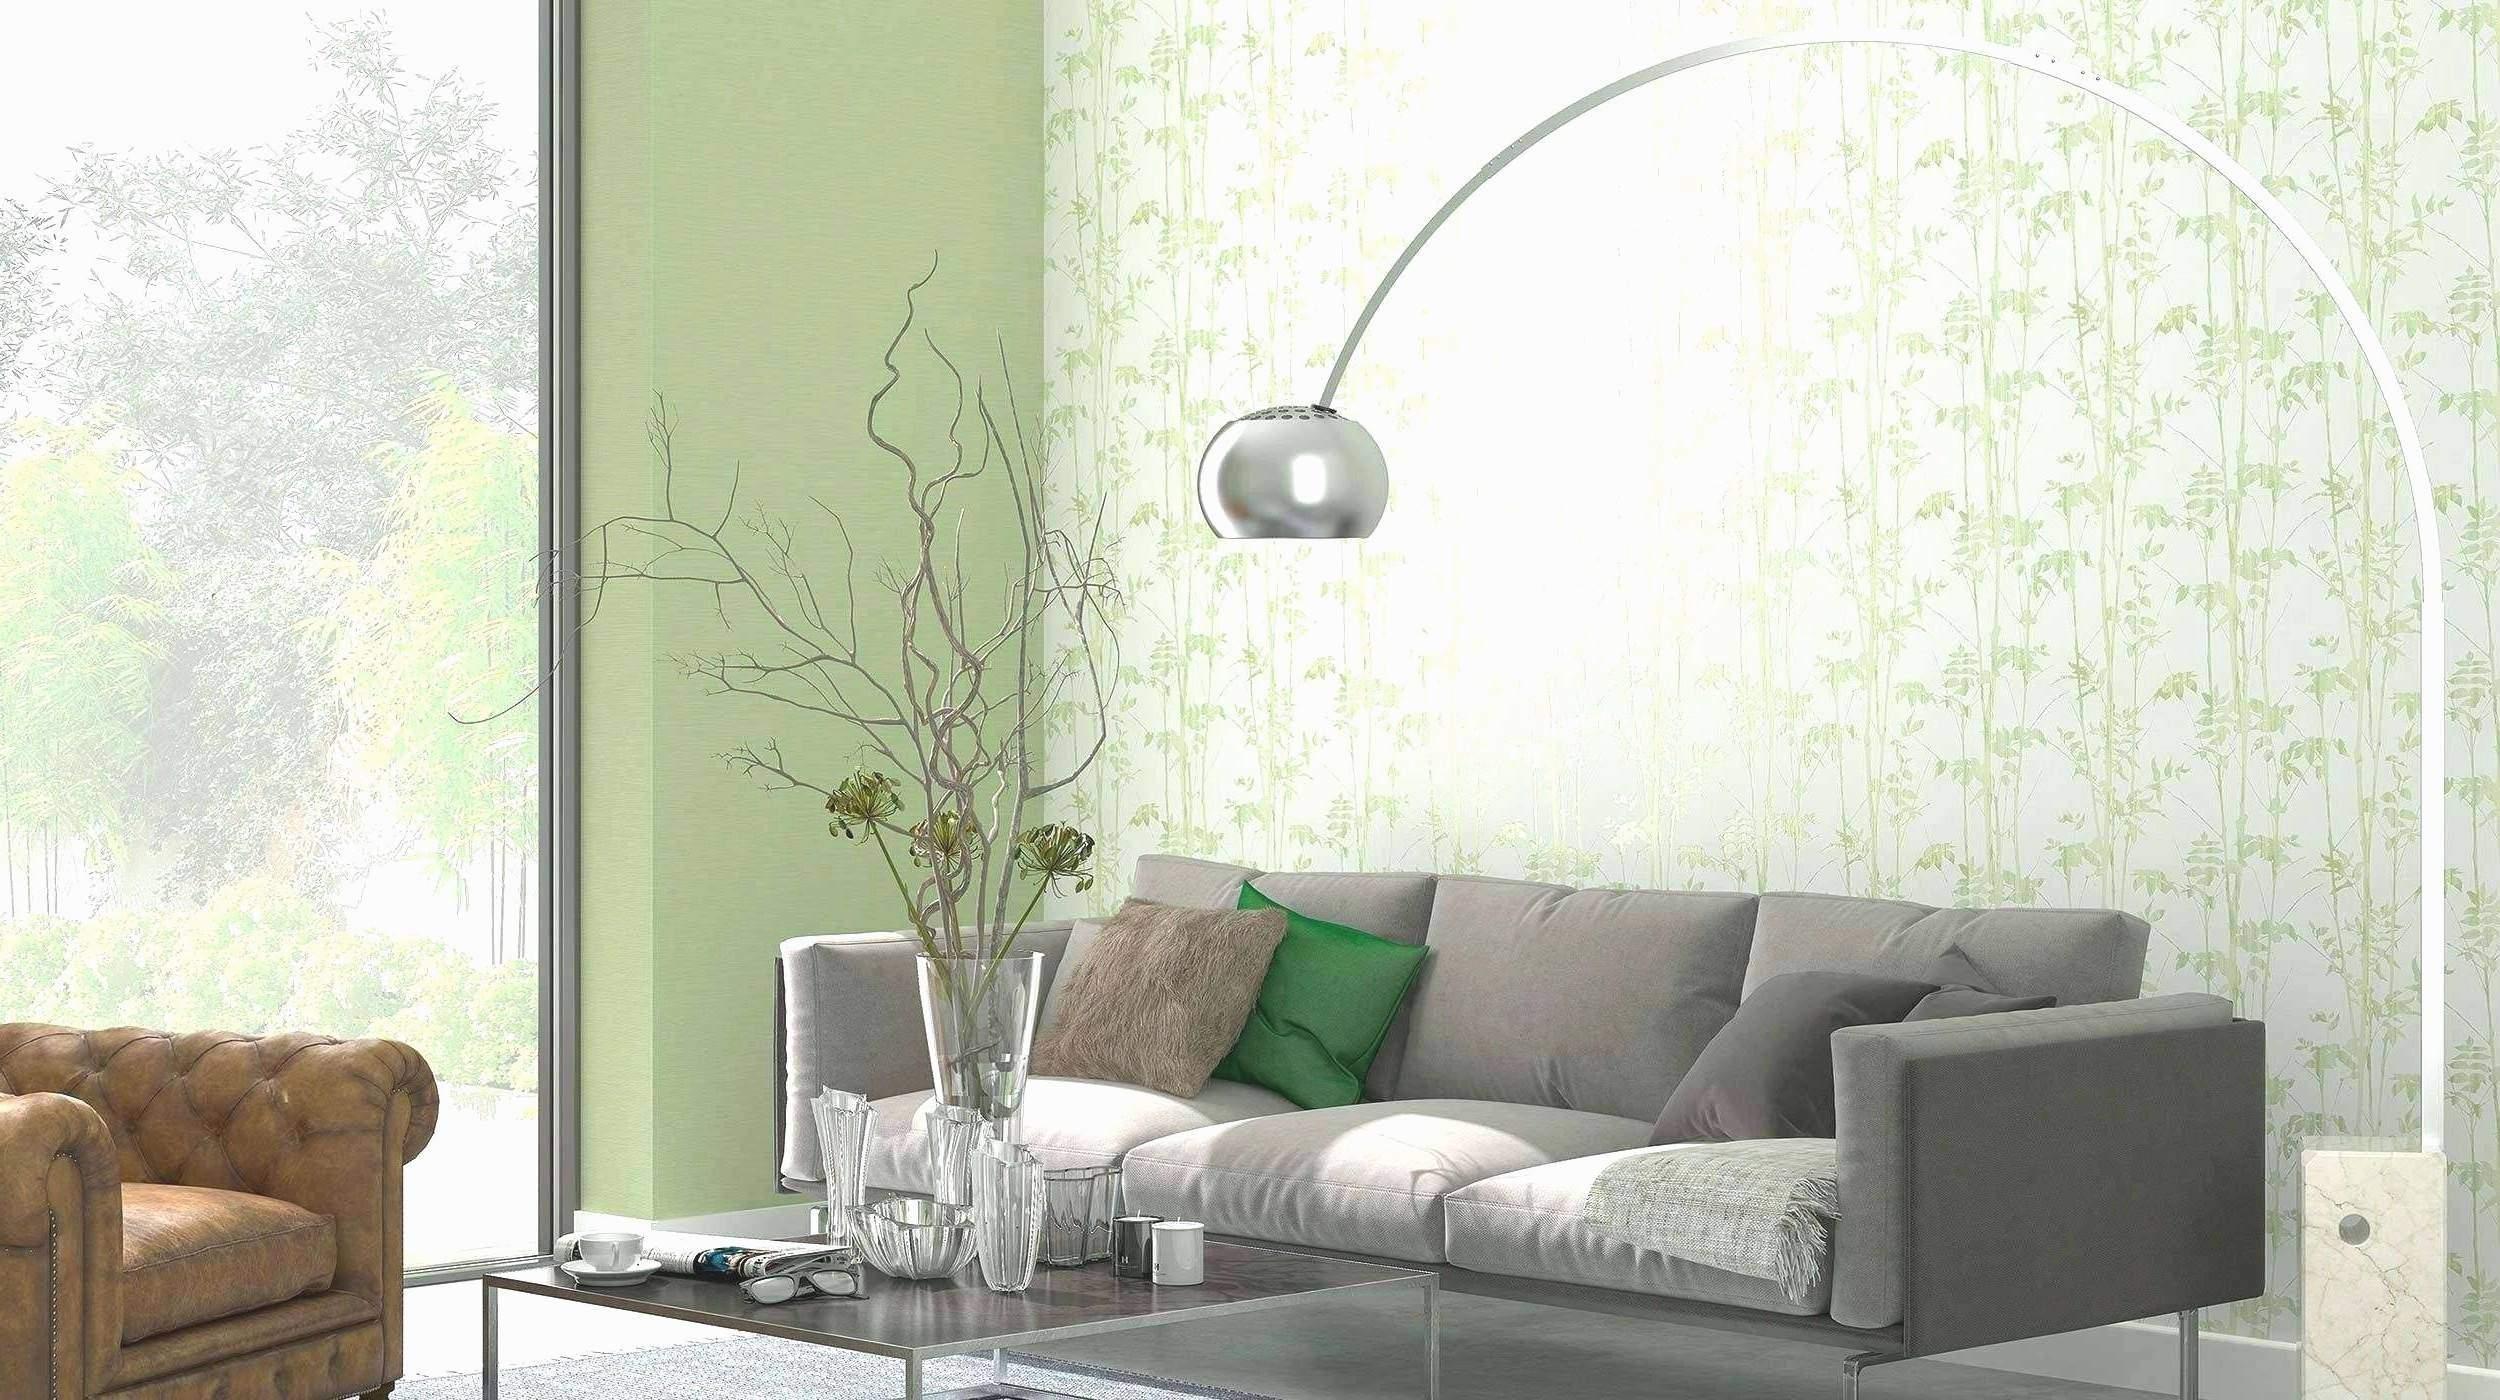 wohnzimmer gestalten ideen reizend regal wohnzimmer deko reizend of wohnzimmer gestalten ideen